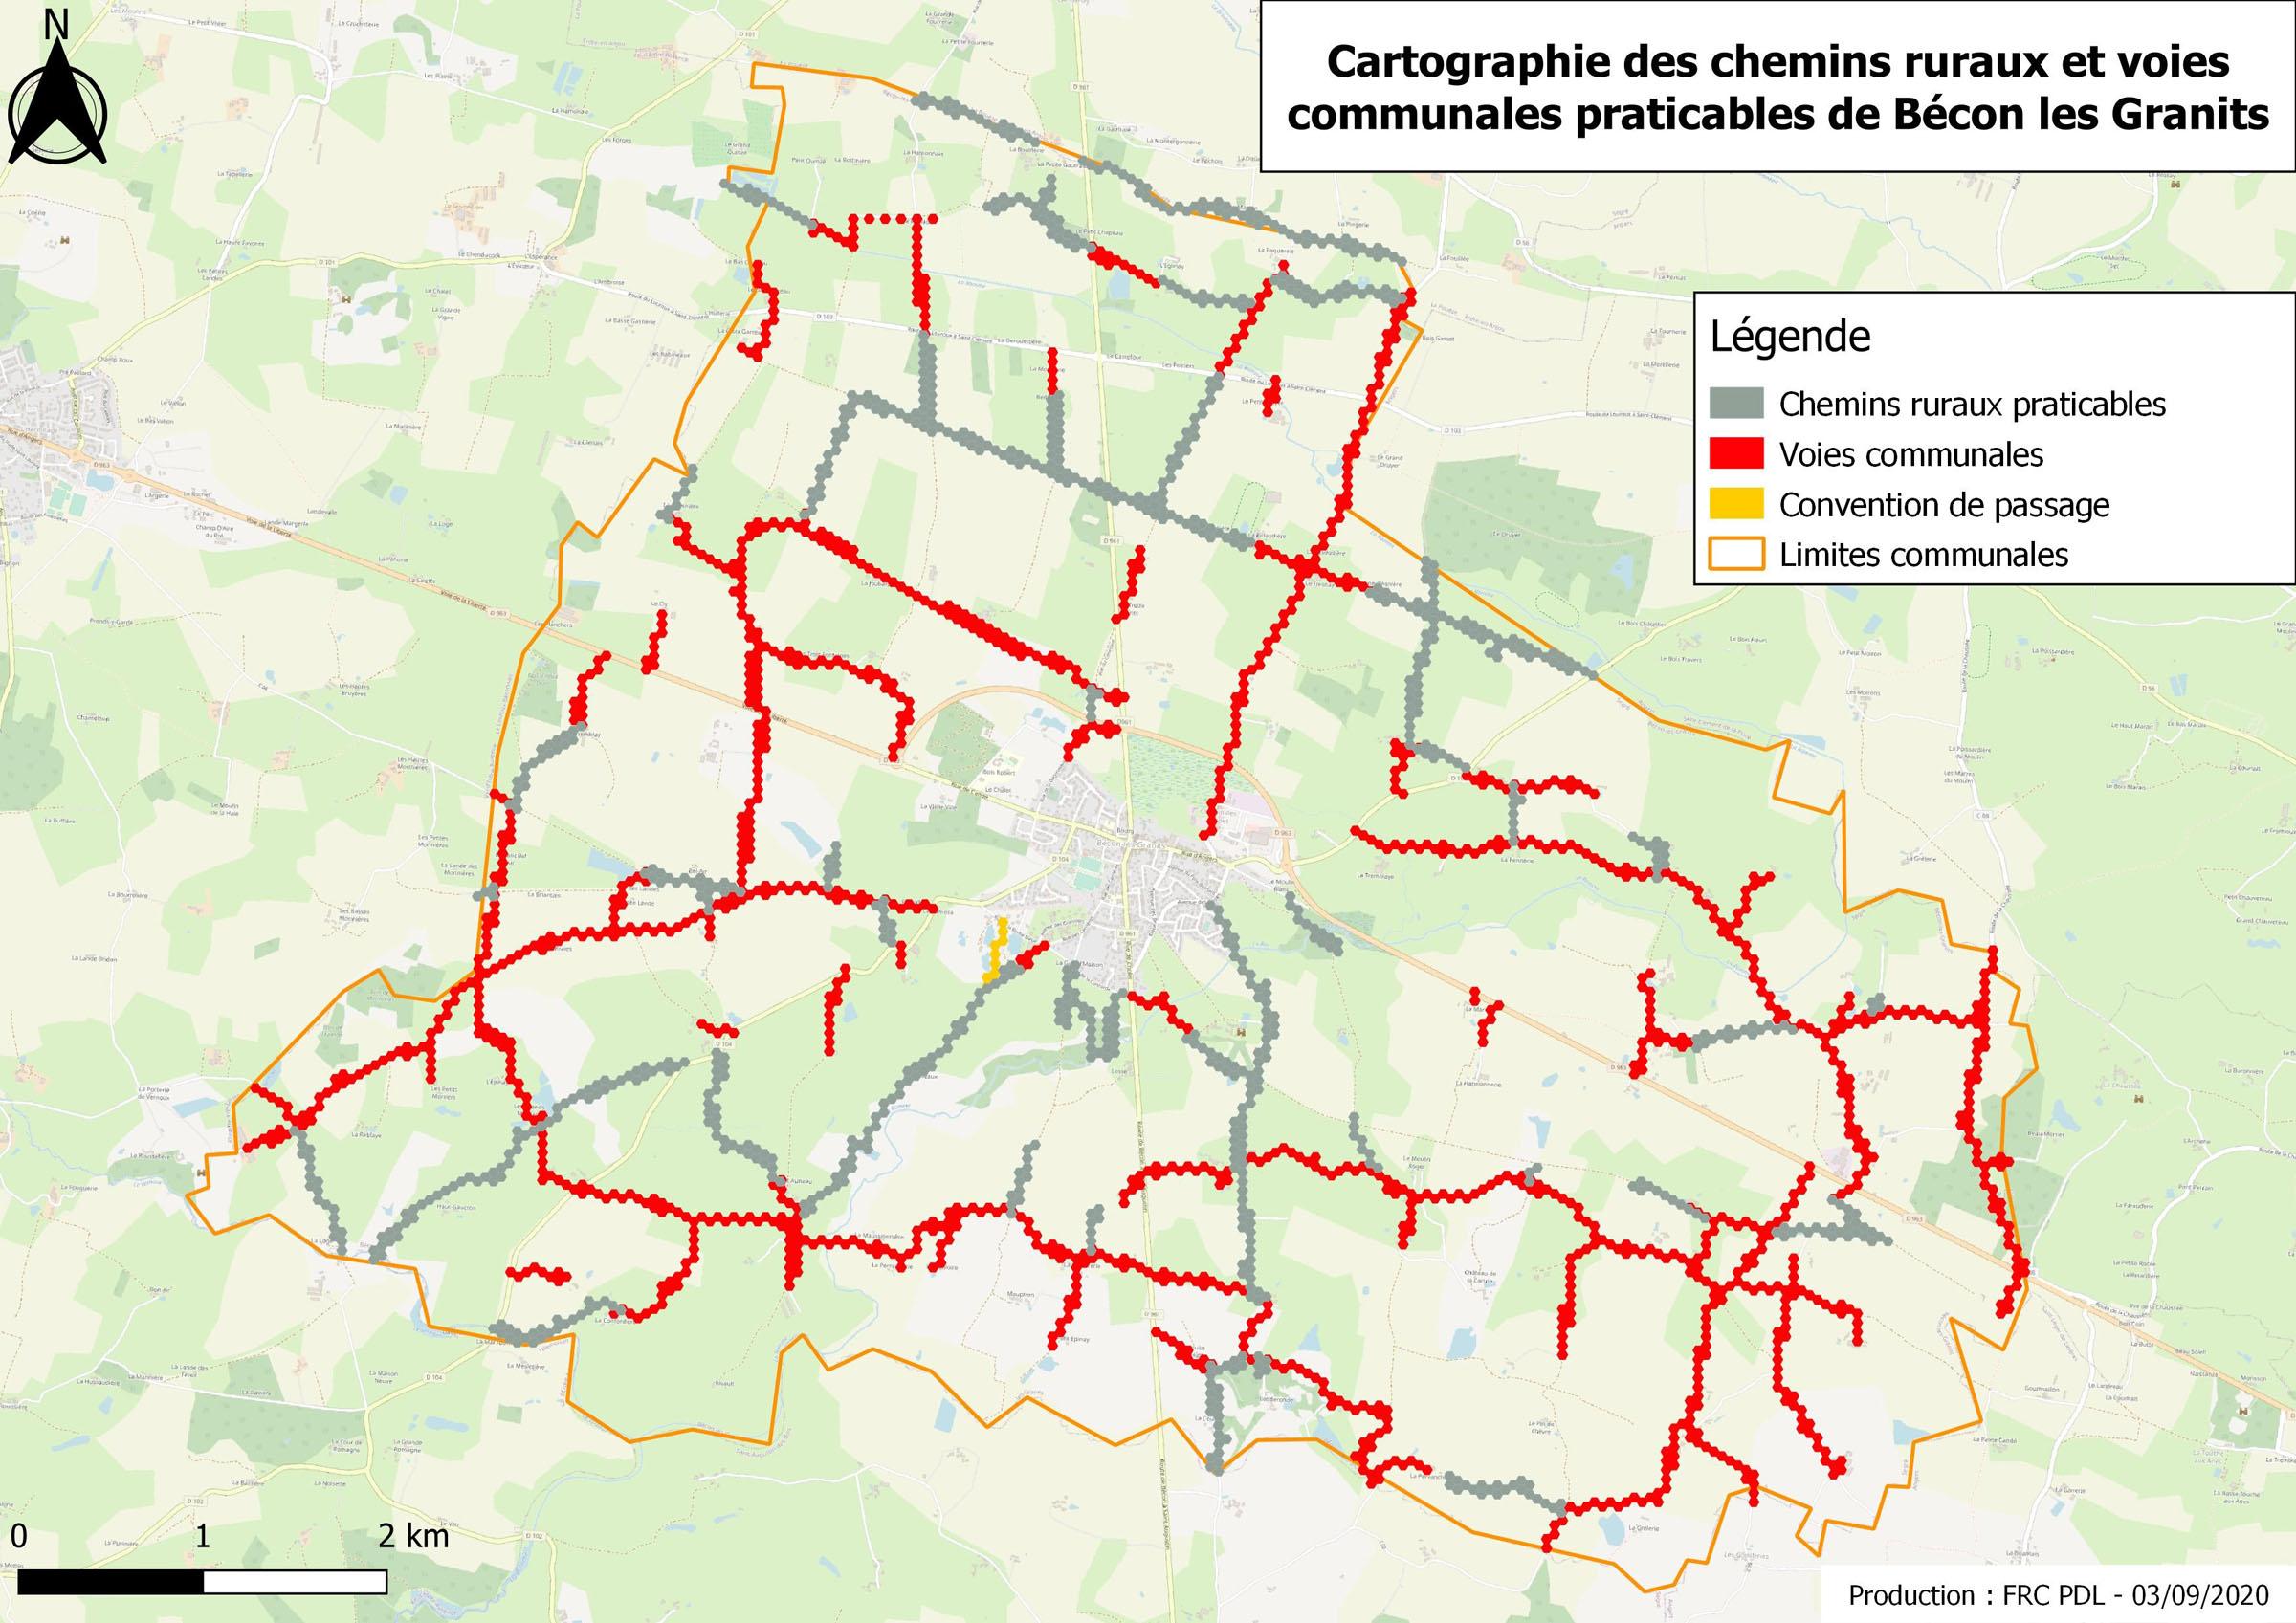 3 Carte des chemins ruraux et voies communales praticables-1.jpg